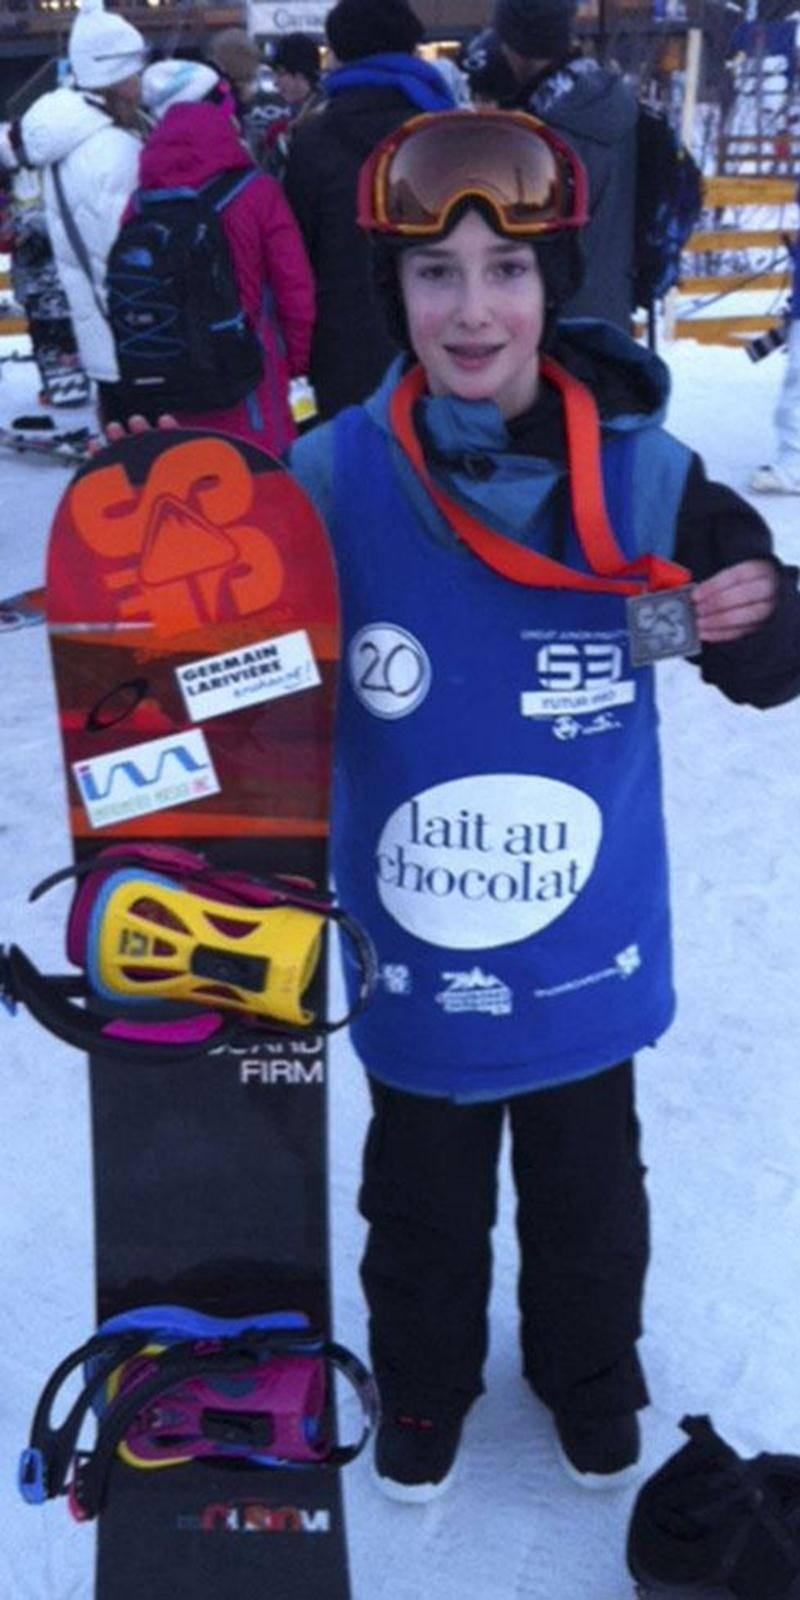 Nathan Vaillancourt, 13 ans, est monté sur le podium lors des deux premières compétitions de planche à neige du circuit S3 Futur Pro cette saison.